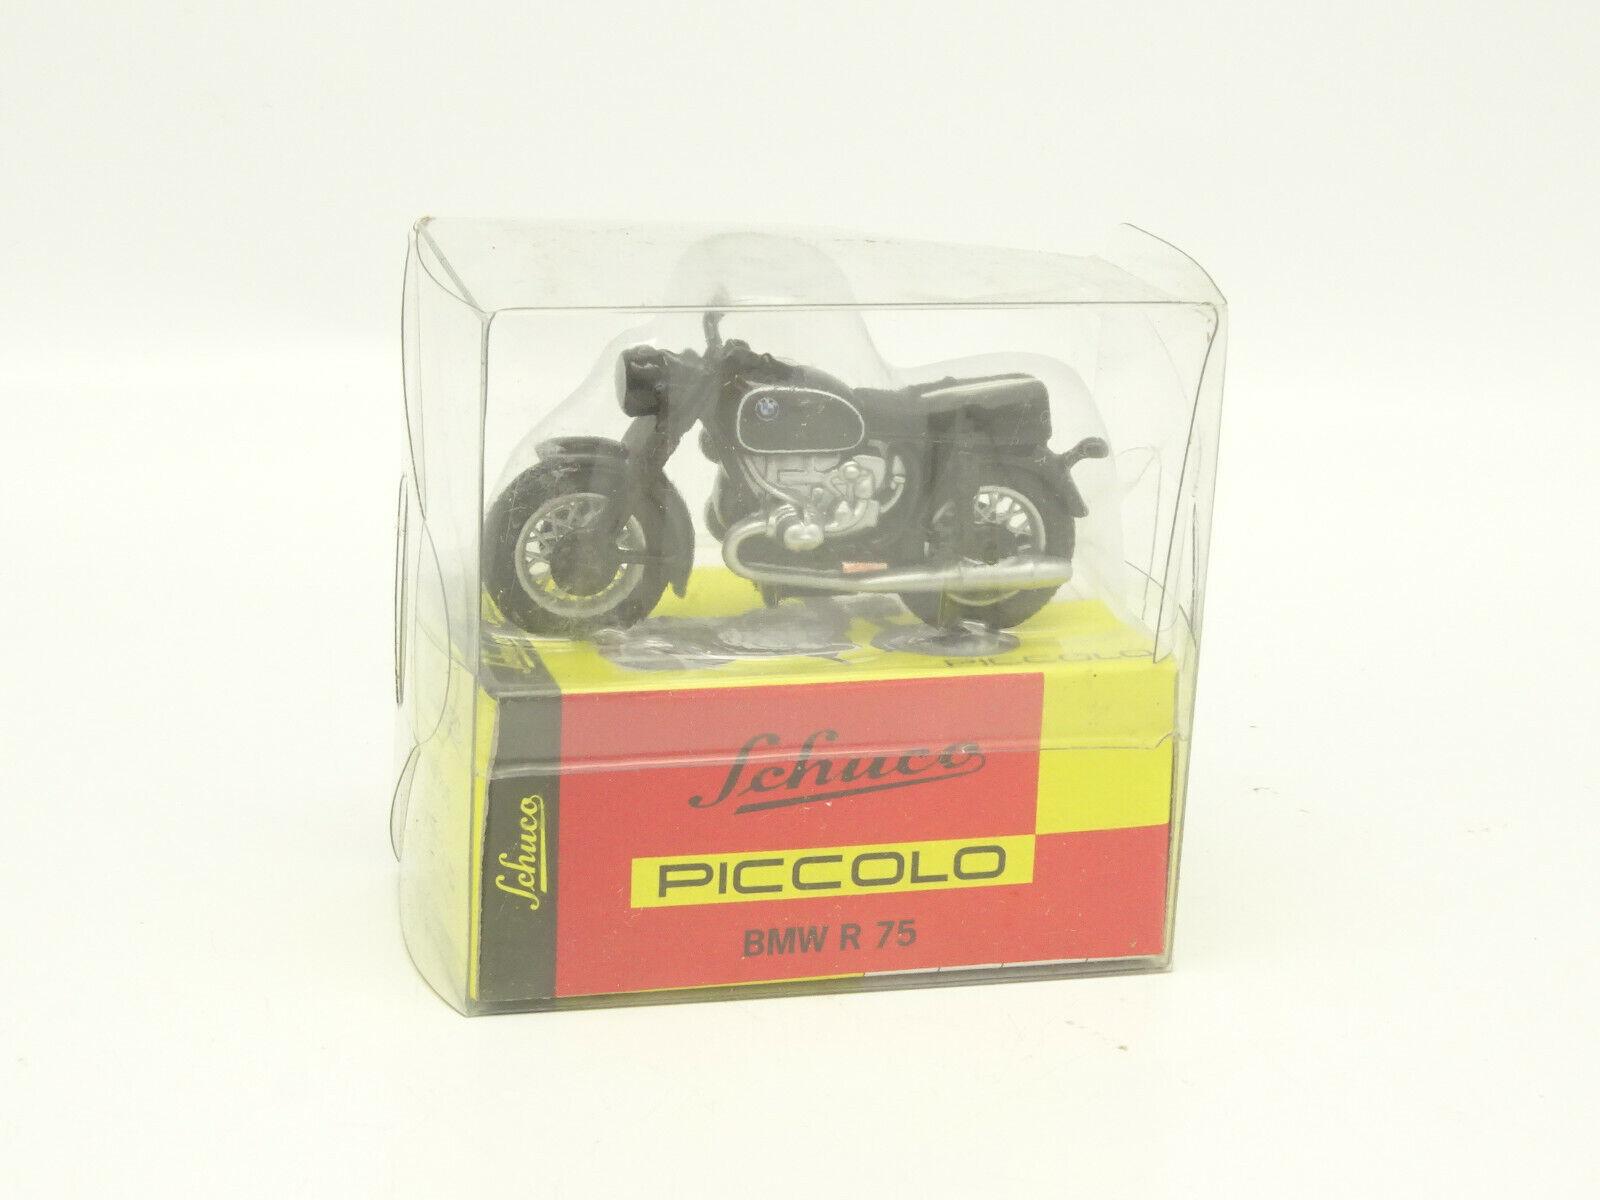 la migliore moda Schuco 1 43 Piccolo - Moto BMW R 75 75 75  stile classico